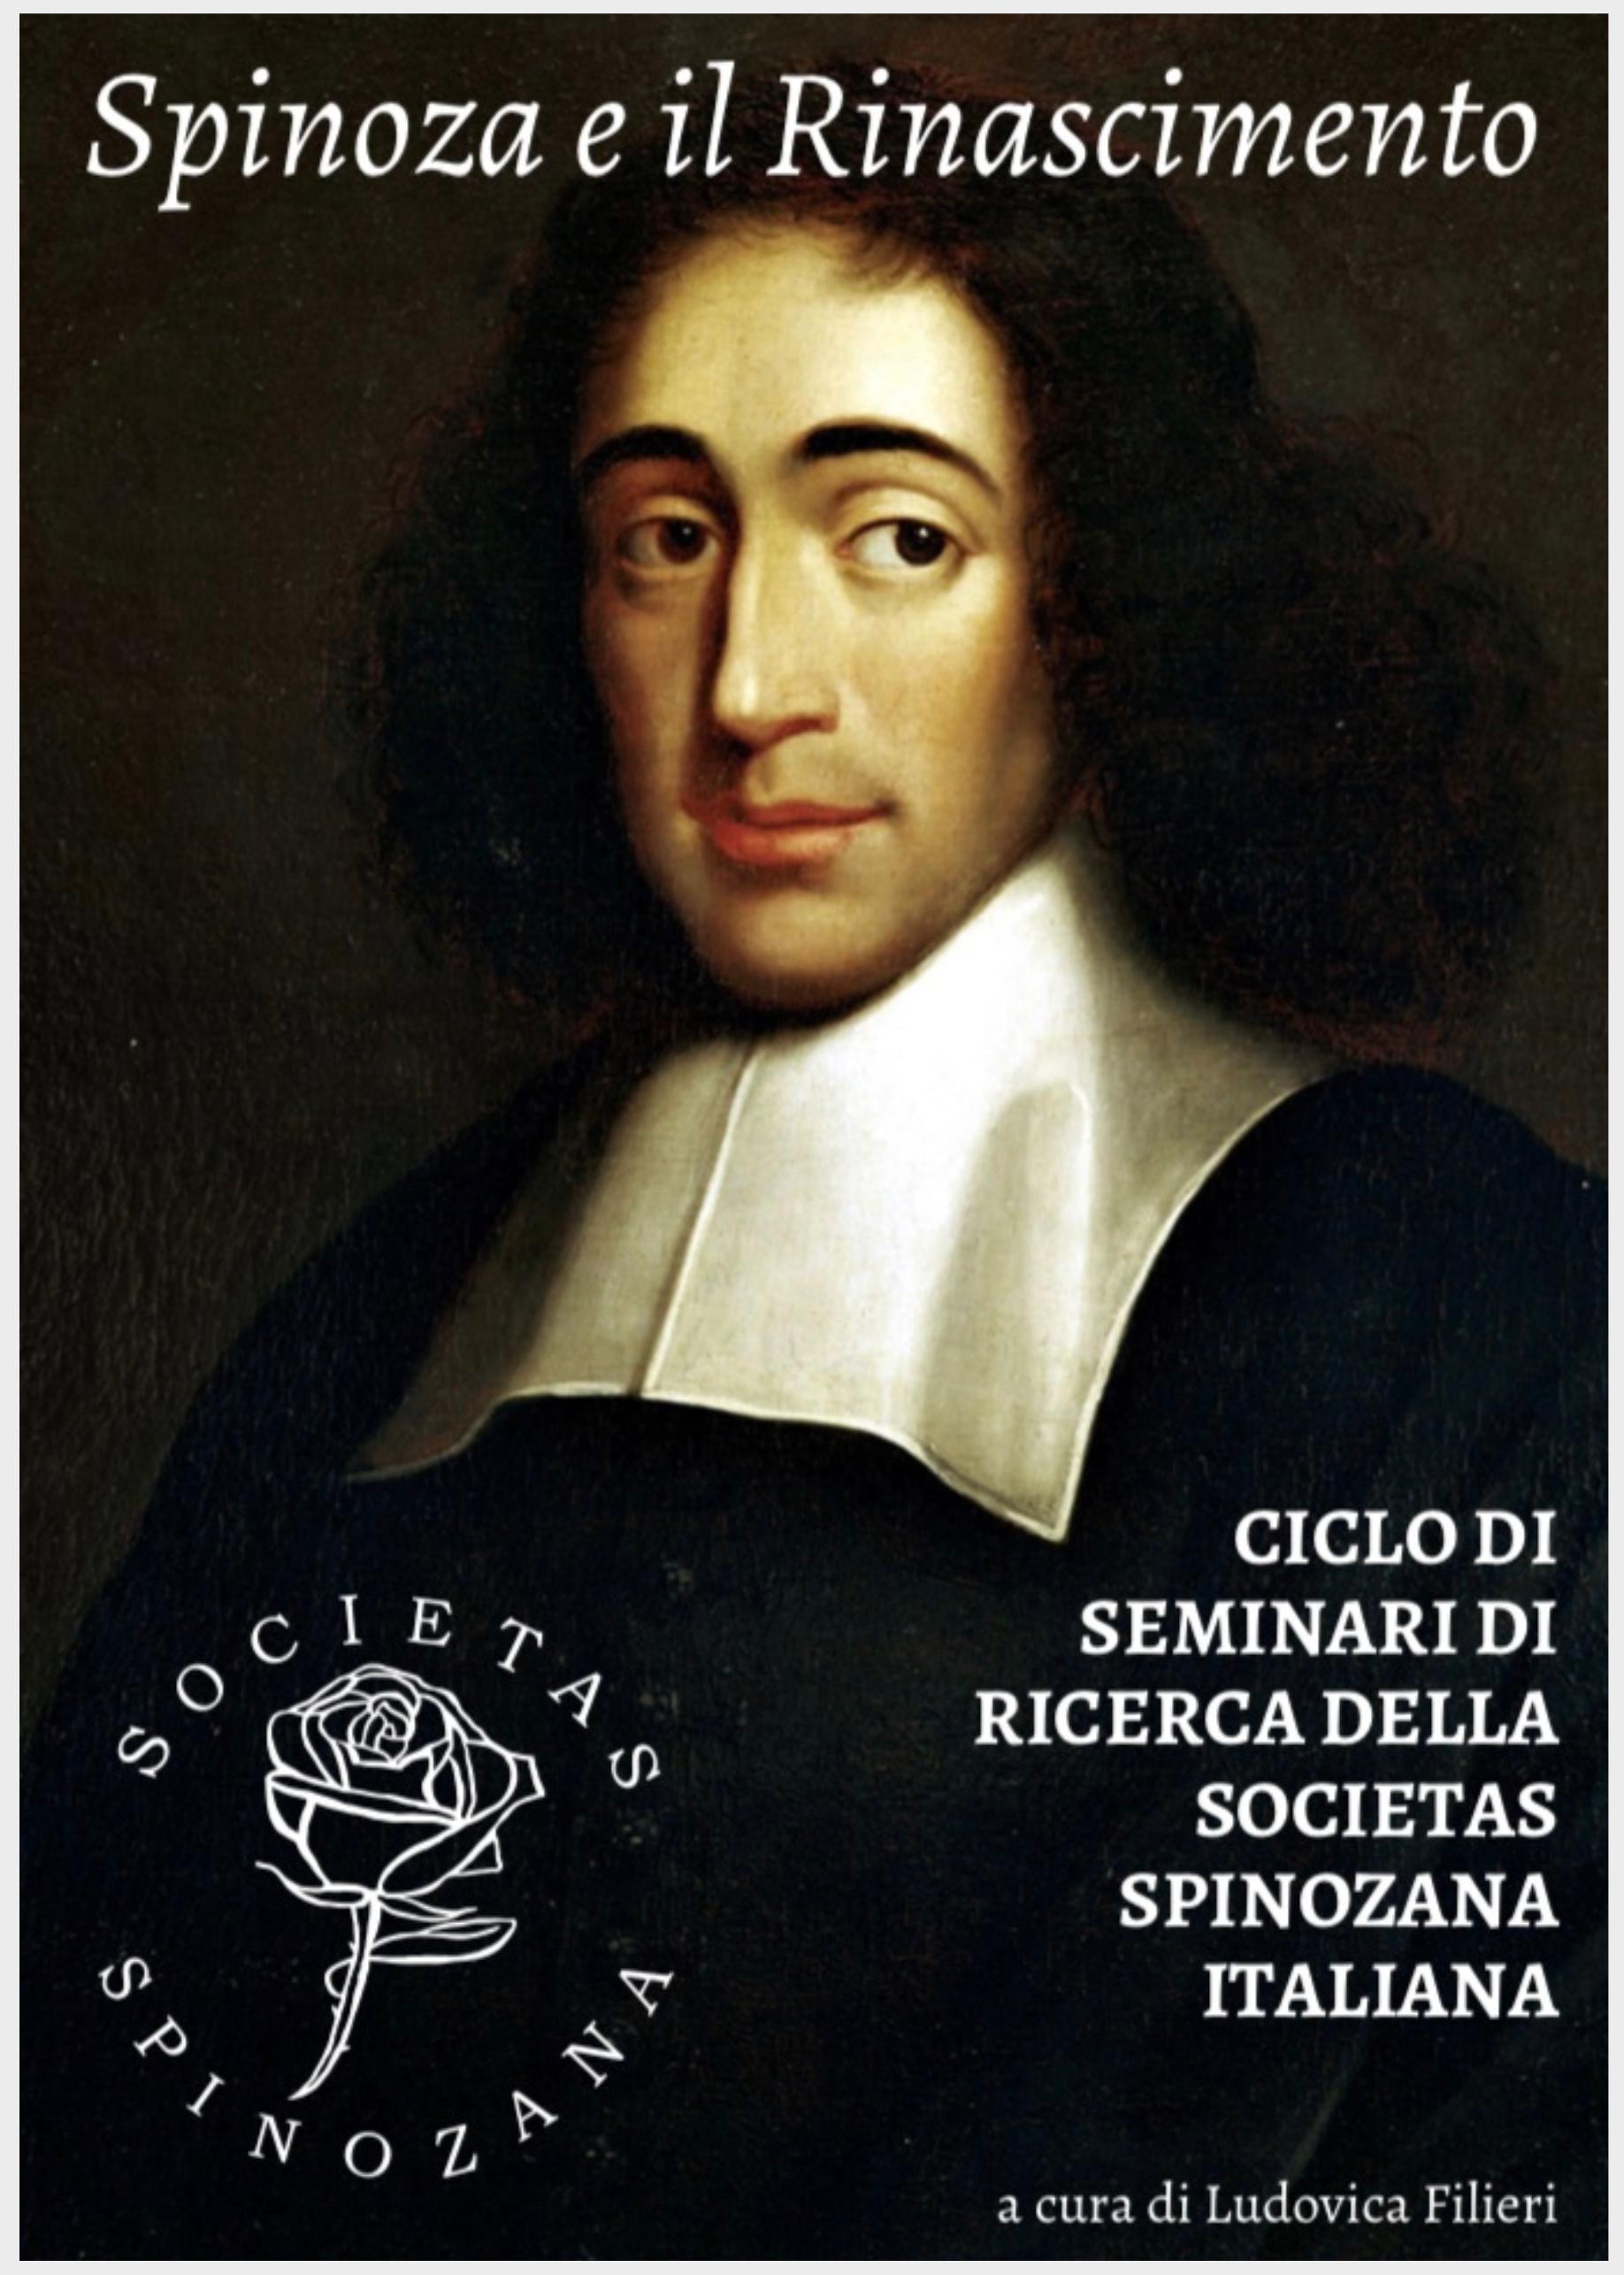 Spinoza e il Rinascimento